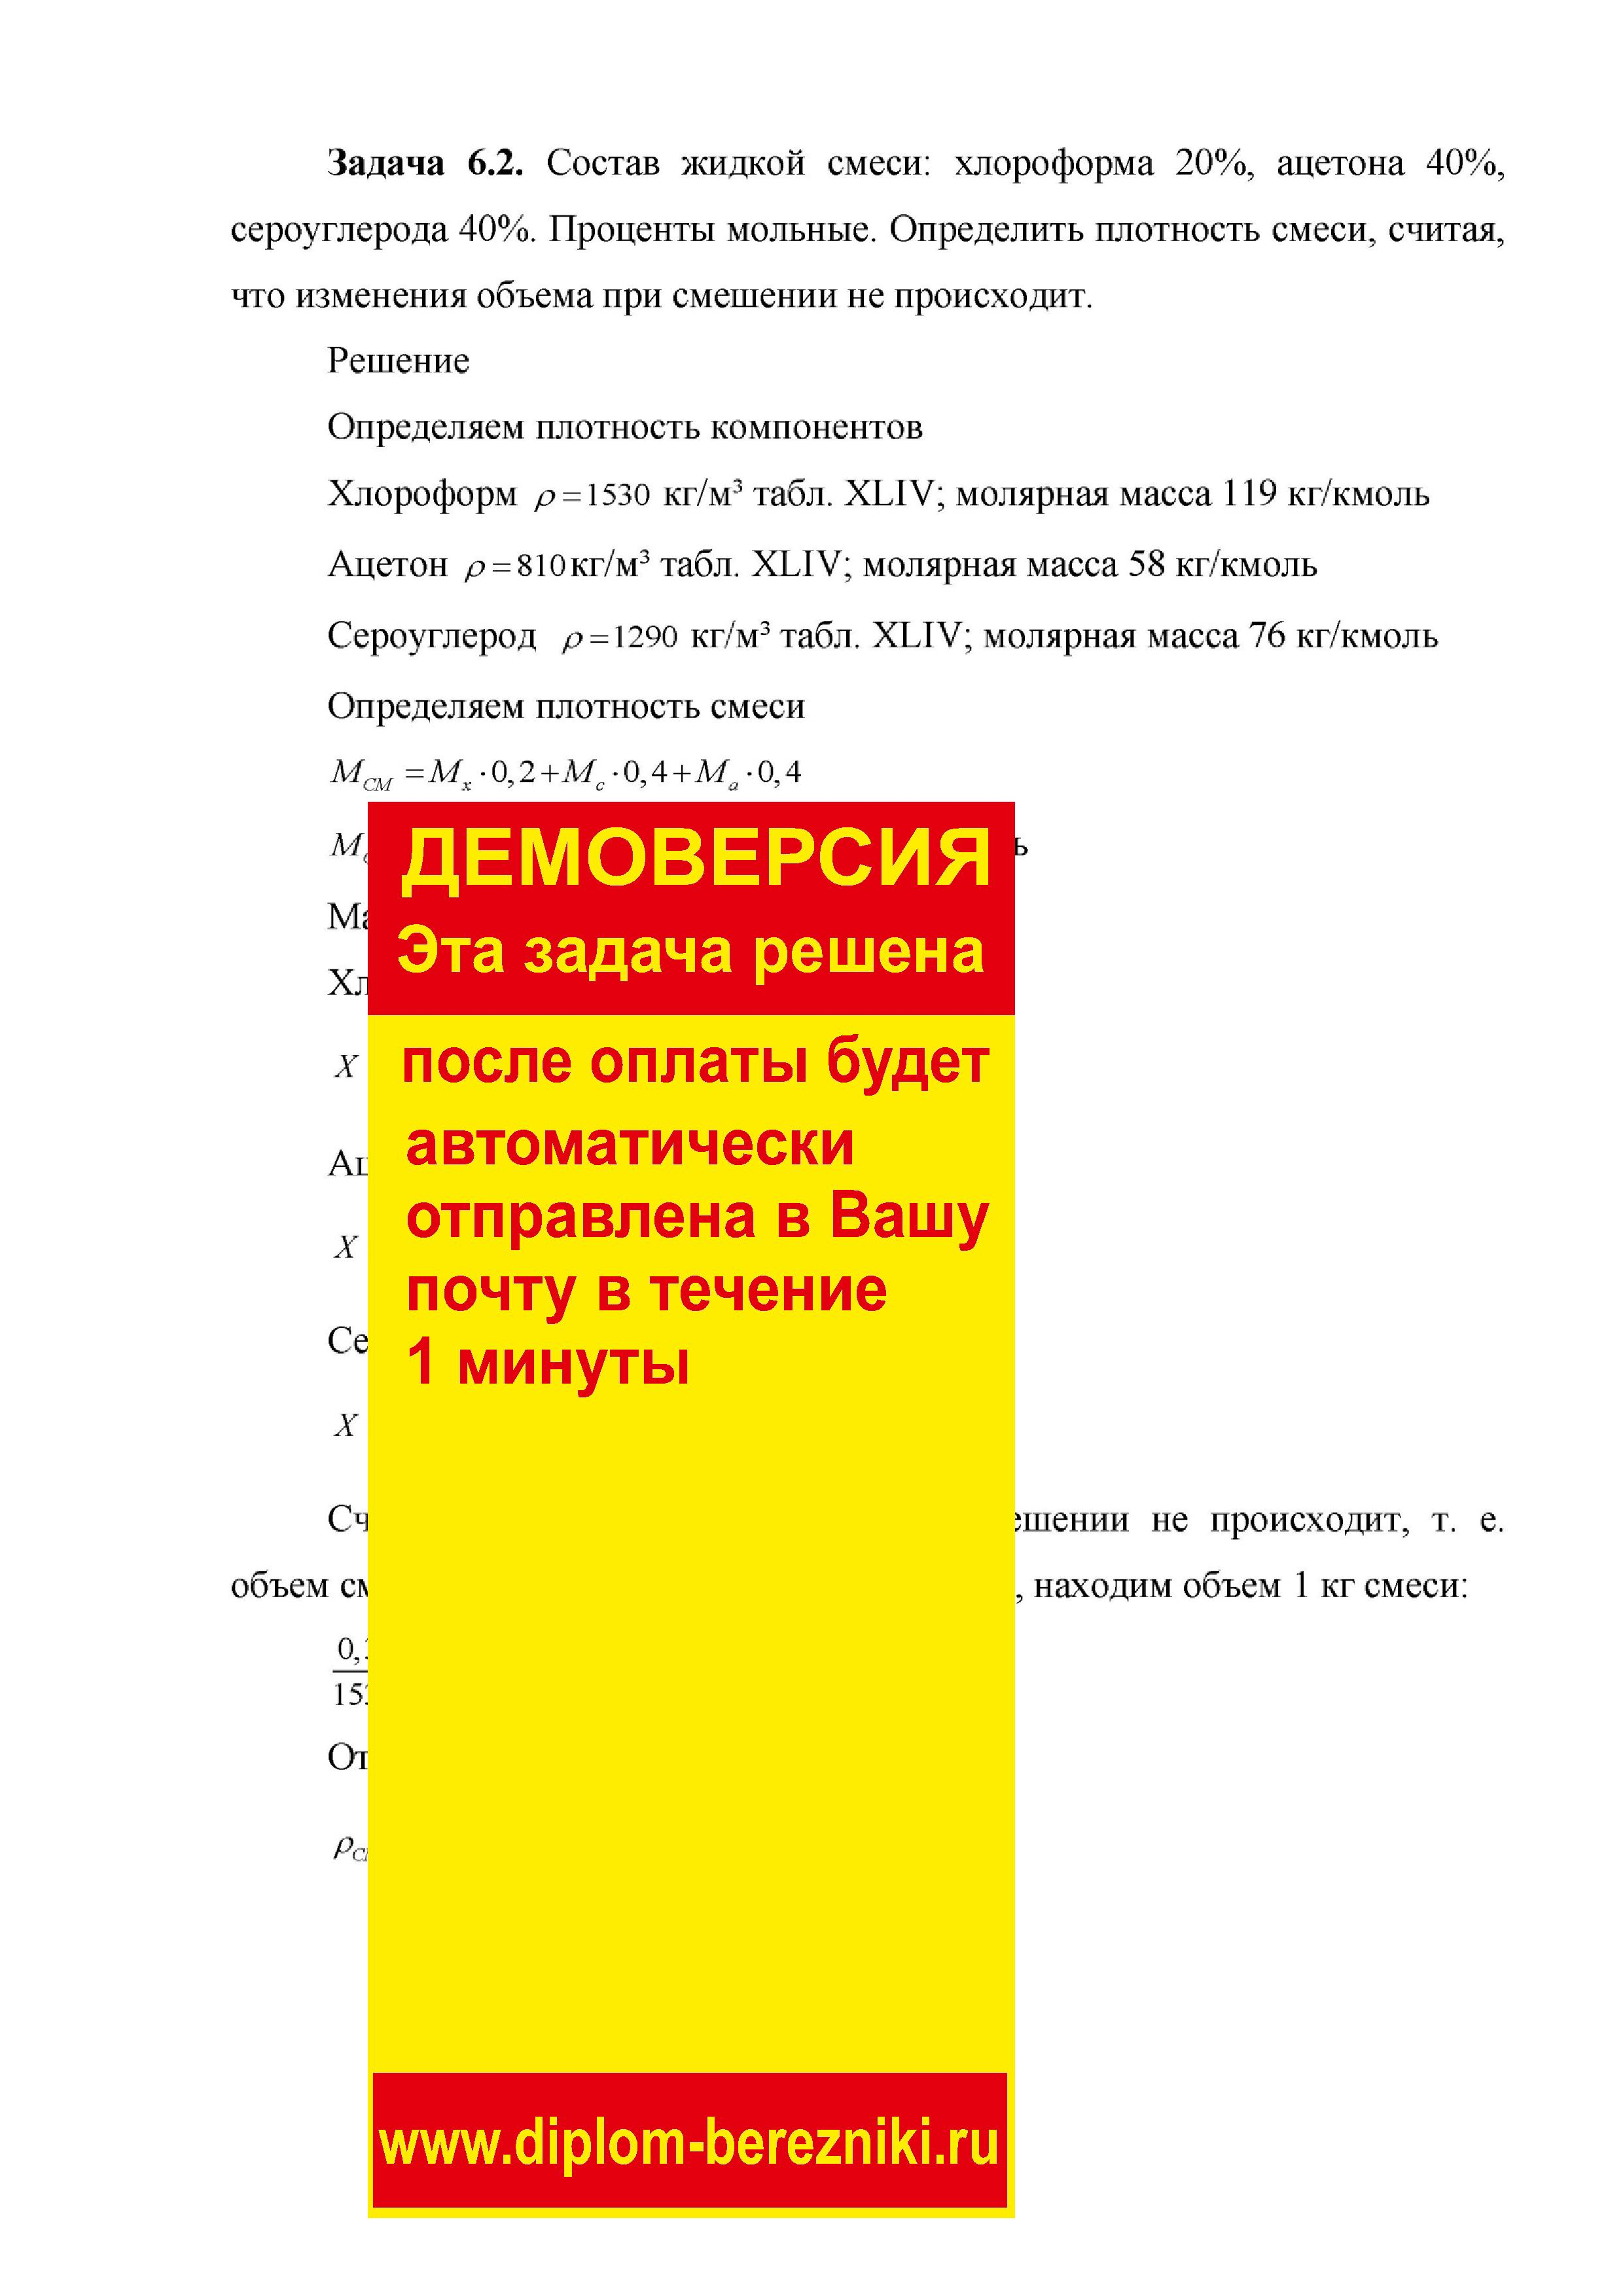 Решение задачи 6.2 по ПАХТ из задачника Павлова Романкова Носкова